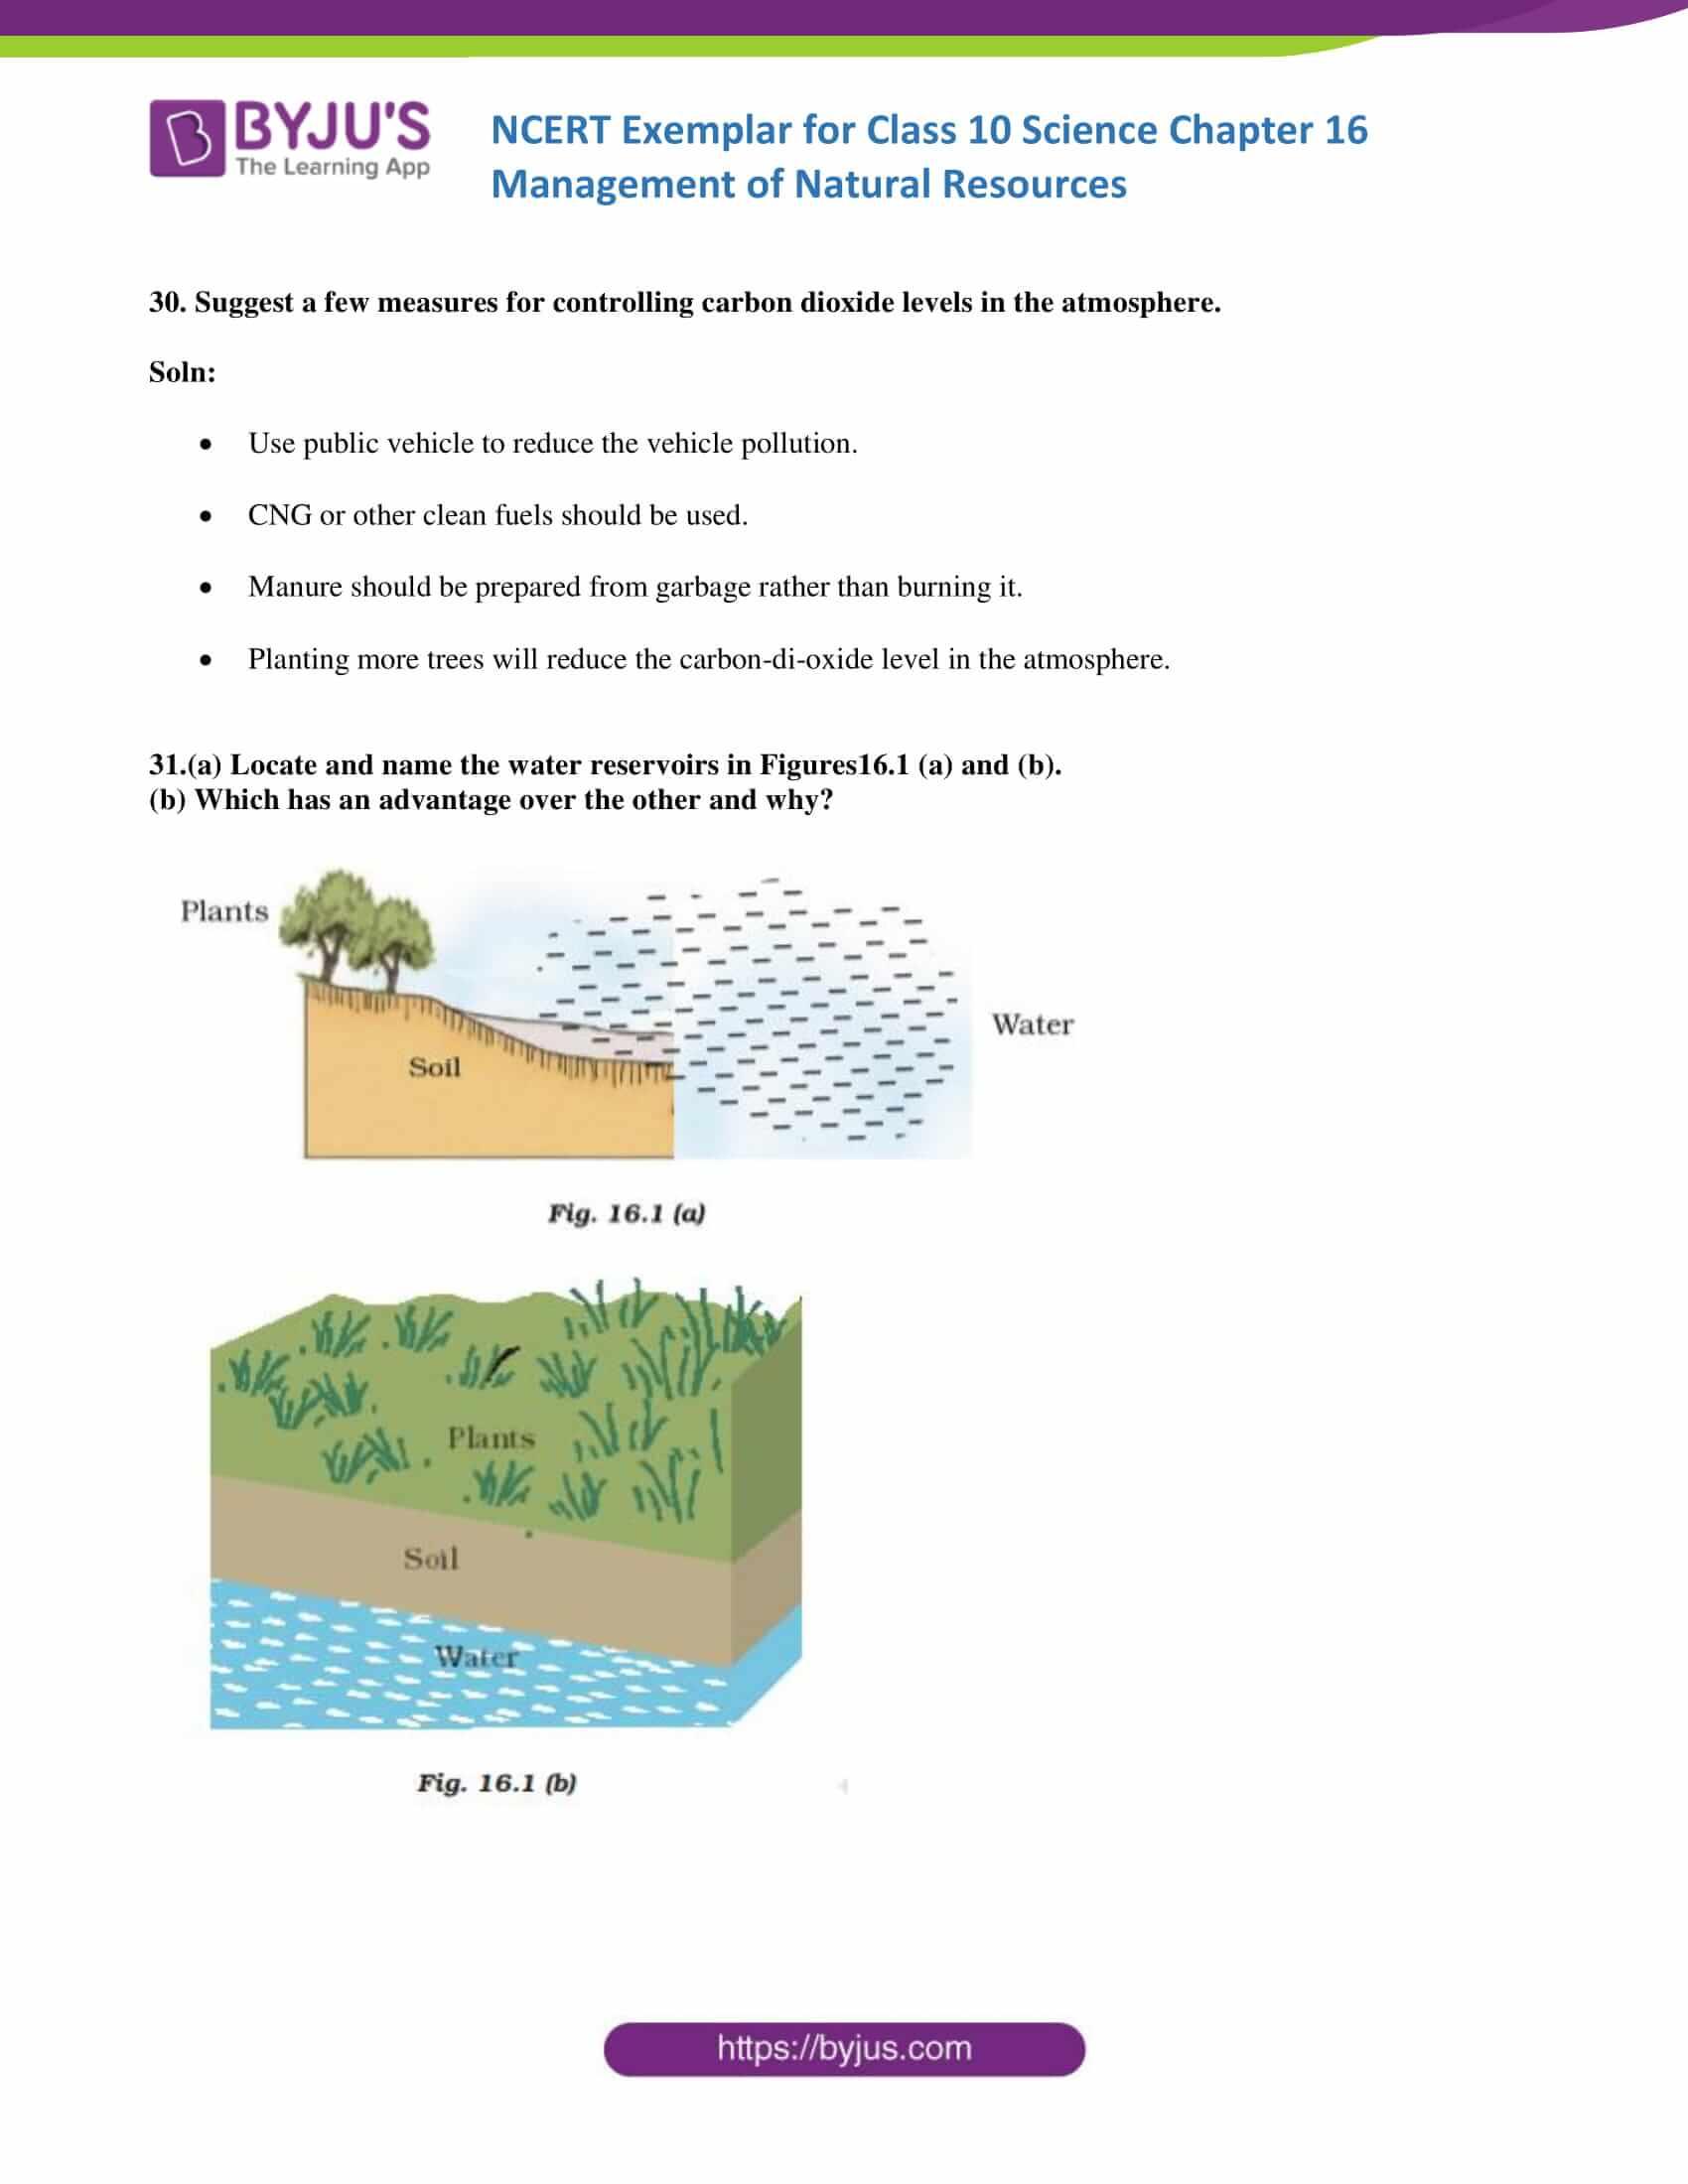 NCERT Exemplar solution class 10 Science Chapter 16 part 10